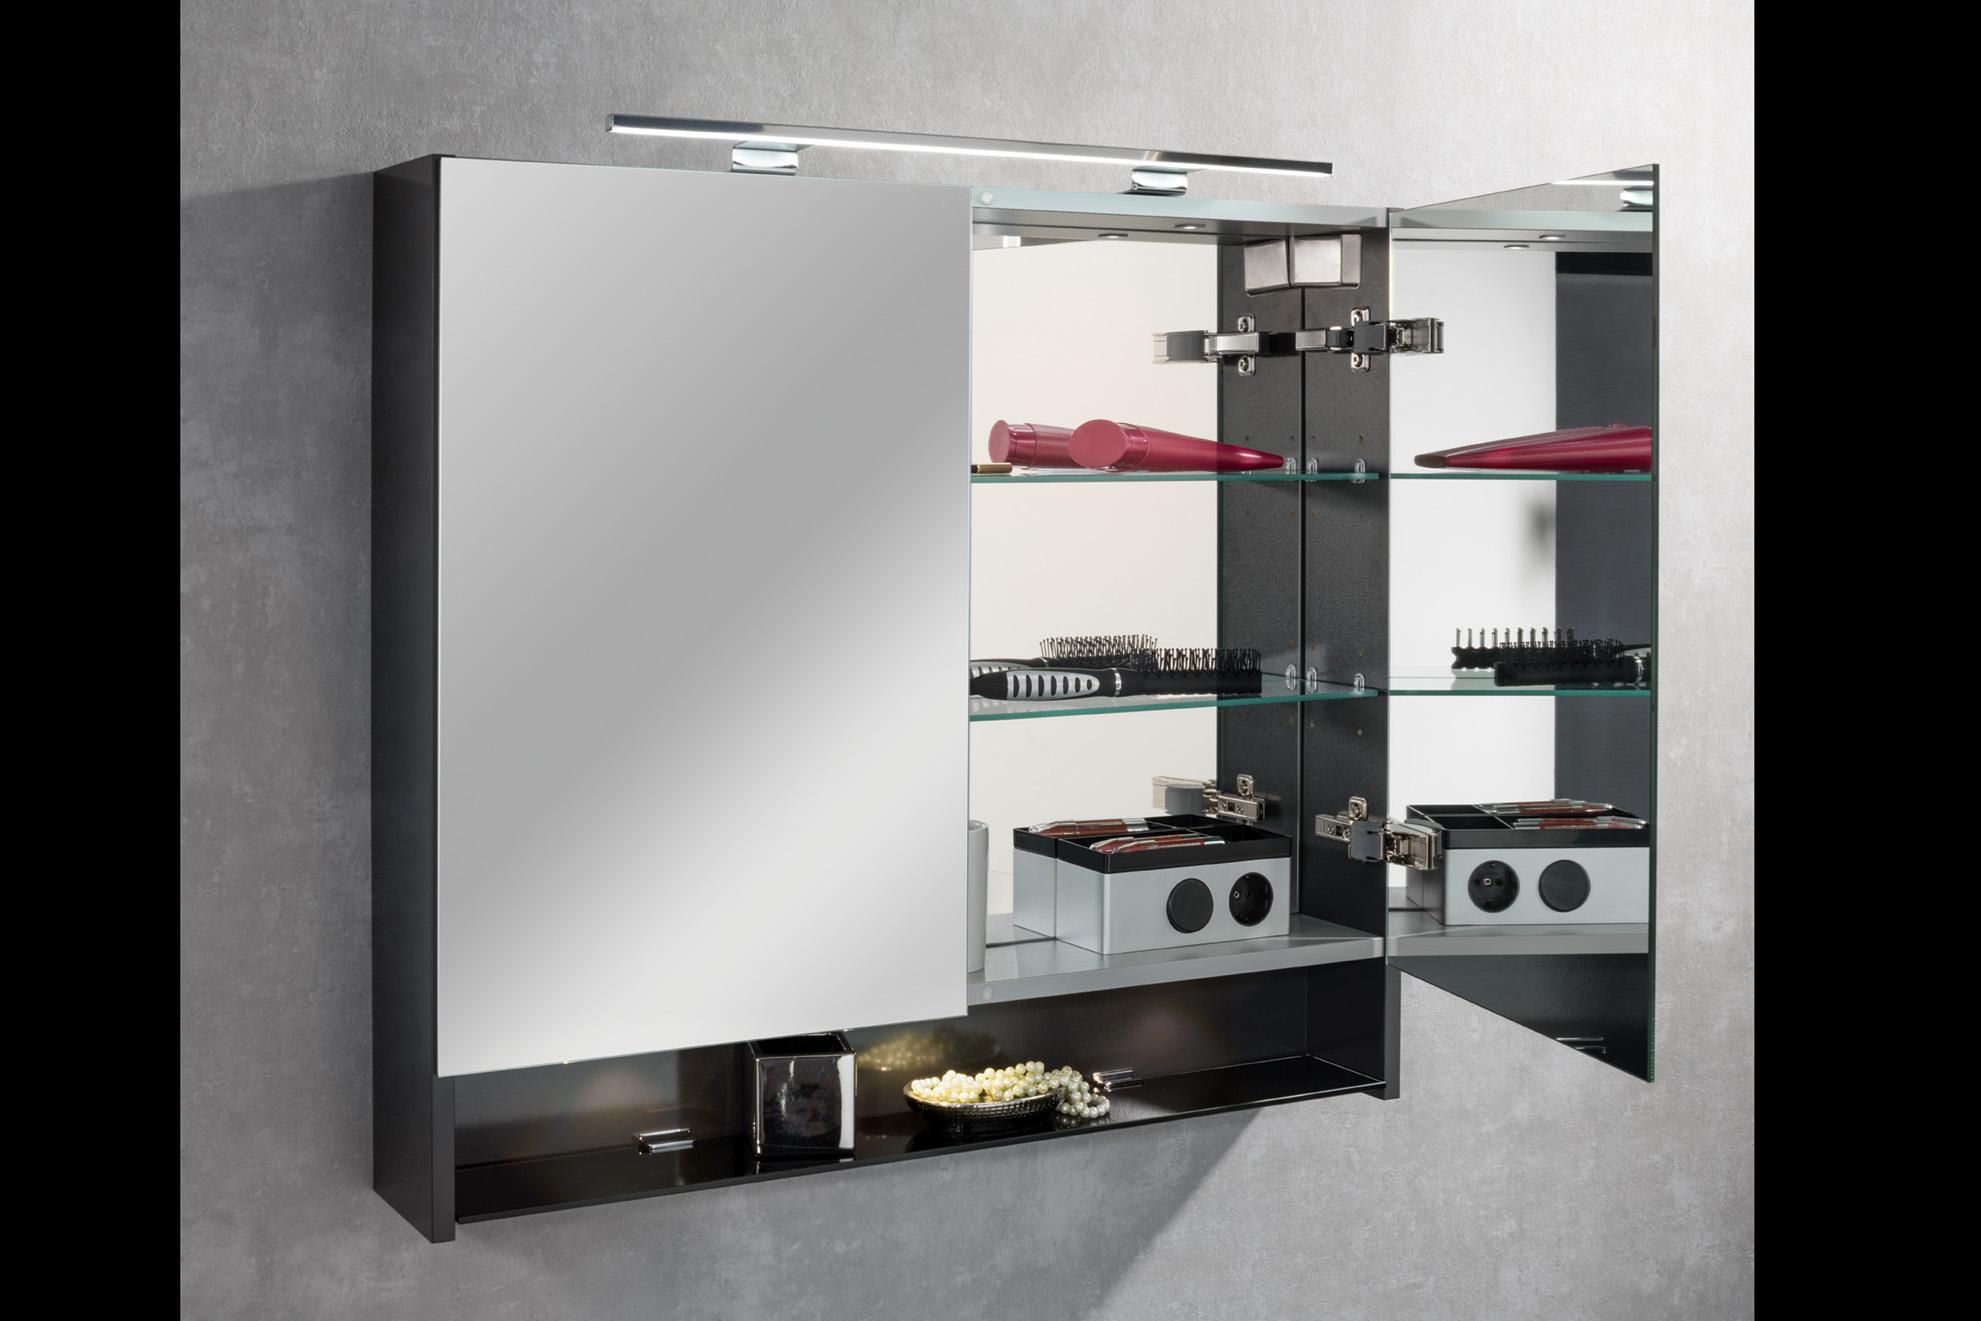 Badmöbel Set LZ150 Anthrazit mit  Spiegelschrank,  Innenverspiegelung eleganter Mineralguss-Waschtisch